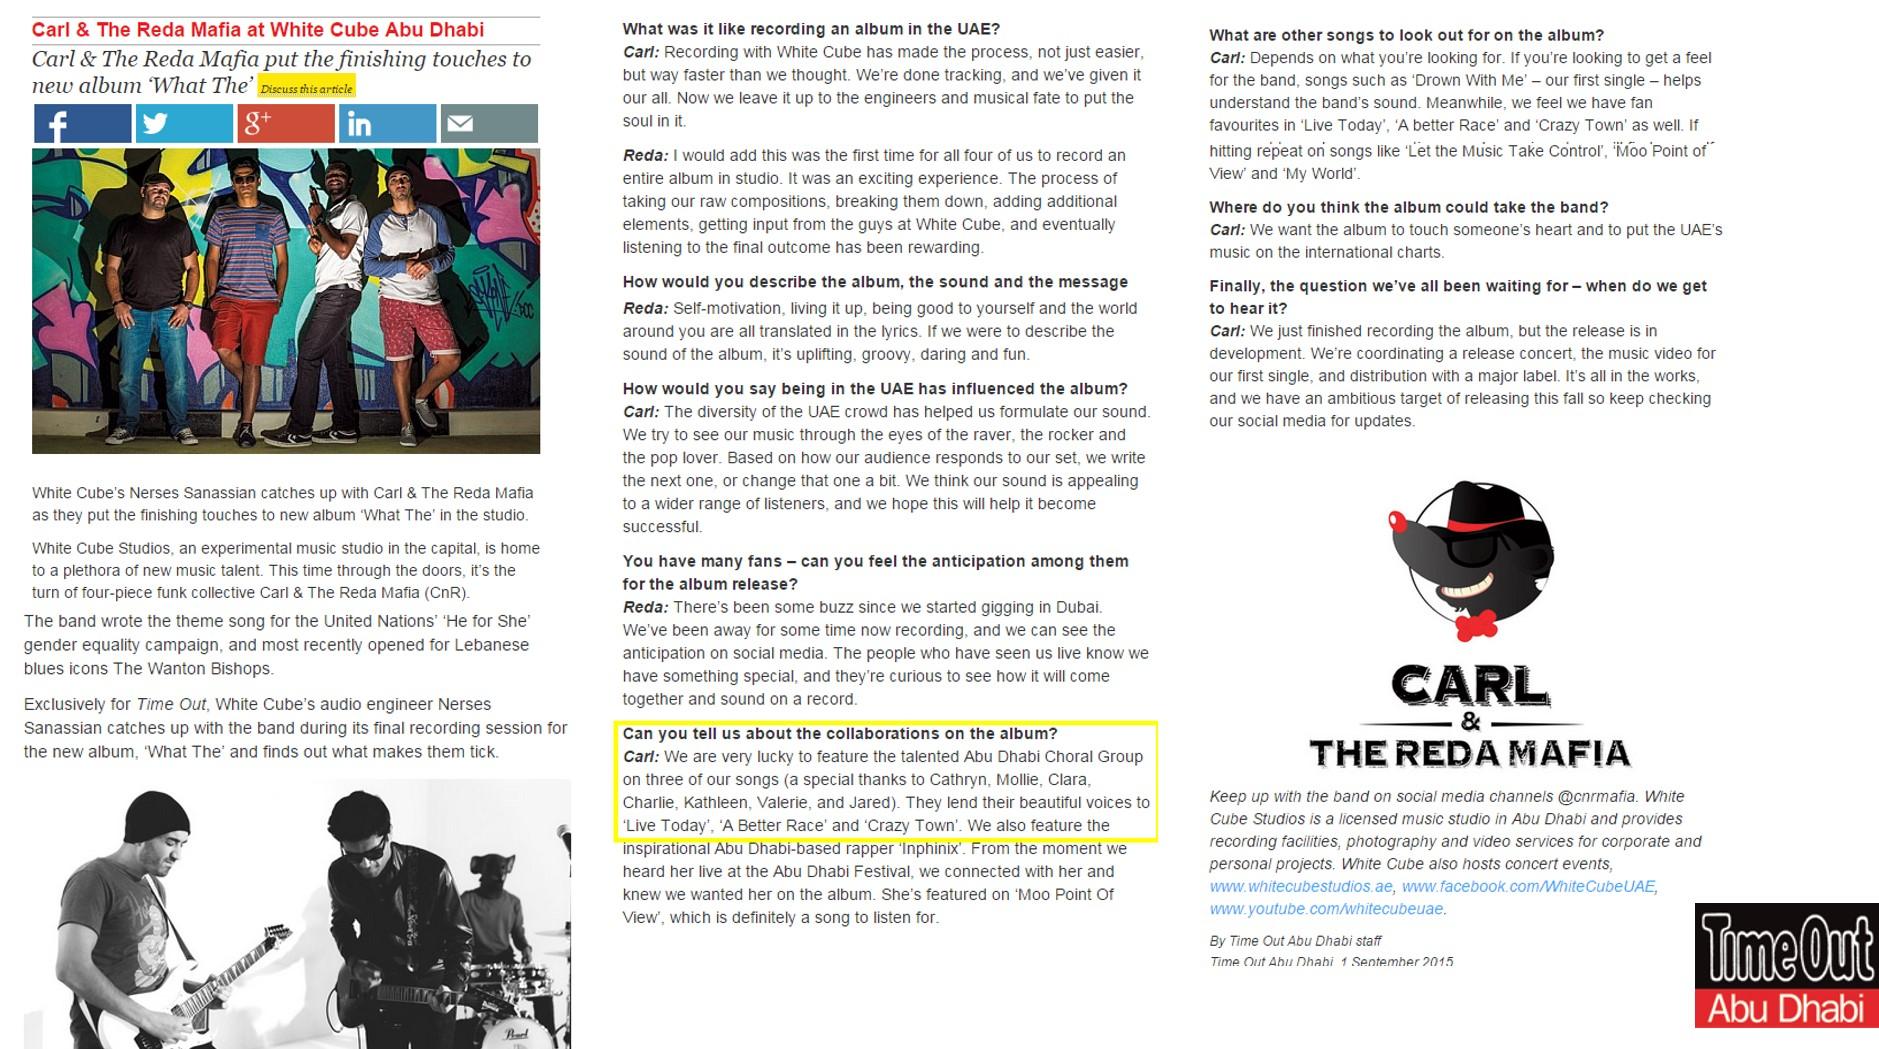 Carl & The Reda Mafia Collaboration